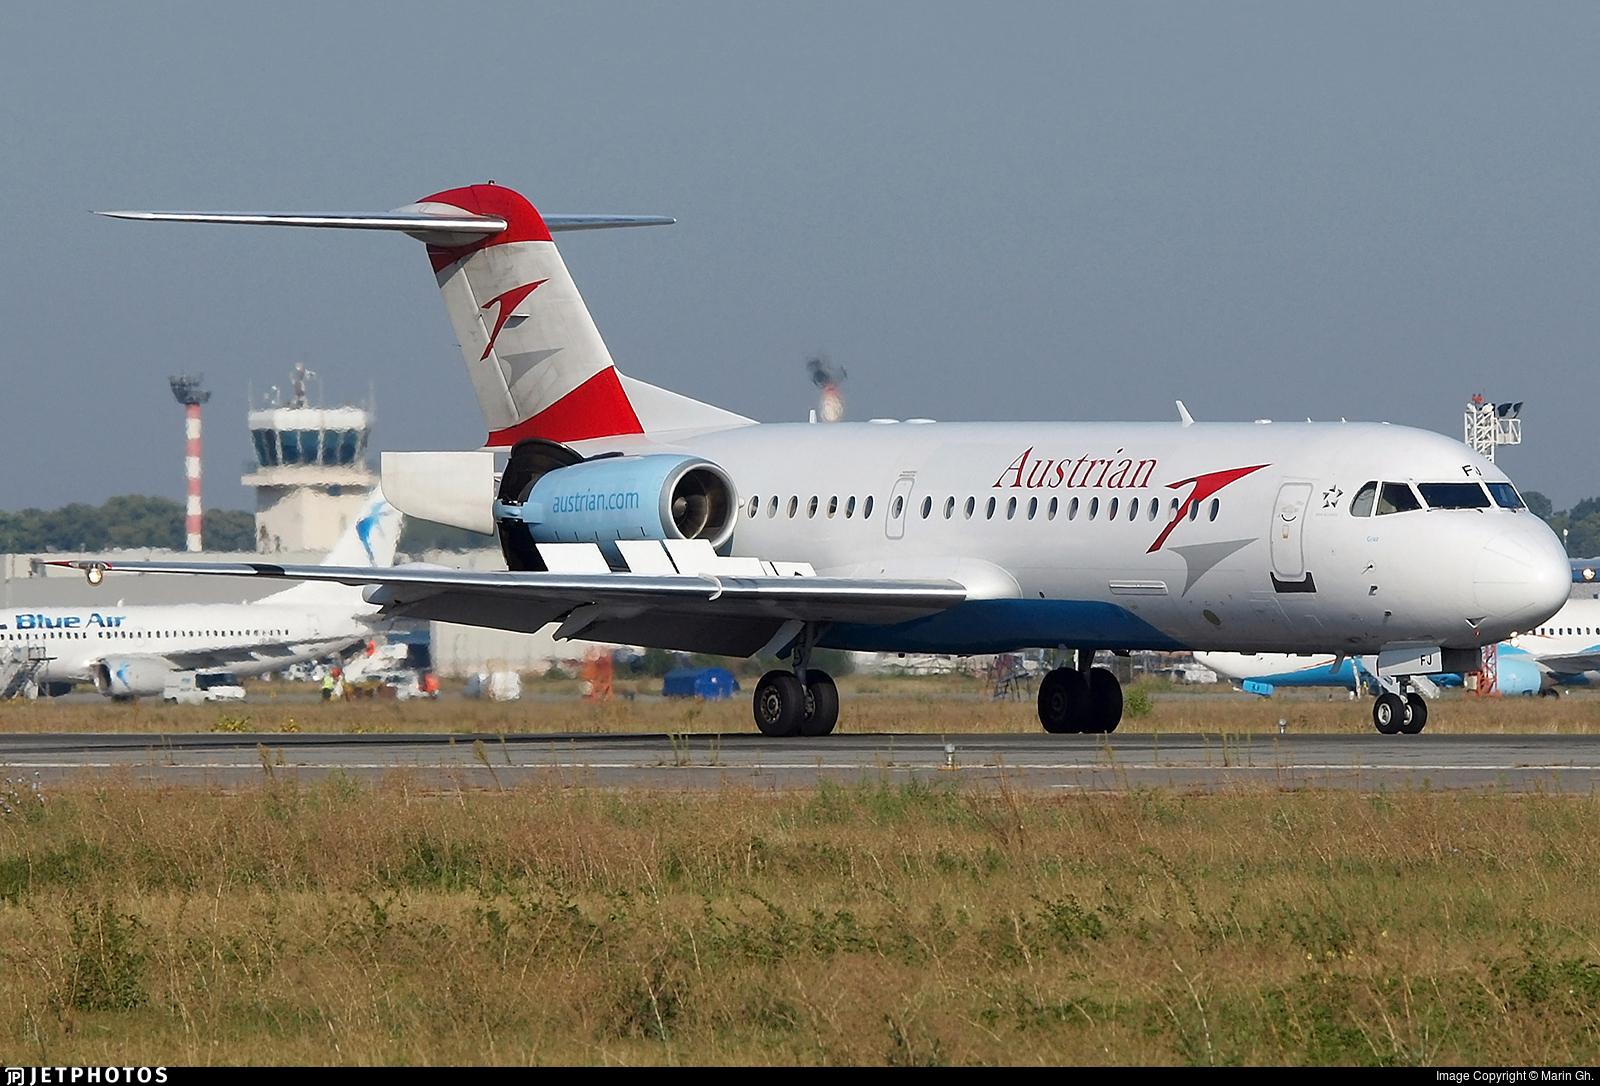 OE-LFJ - Fokker 70 - Austrian Airlines